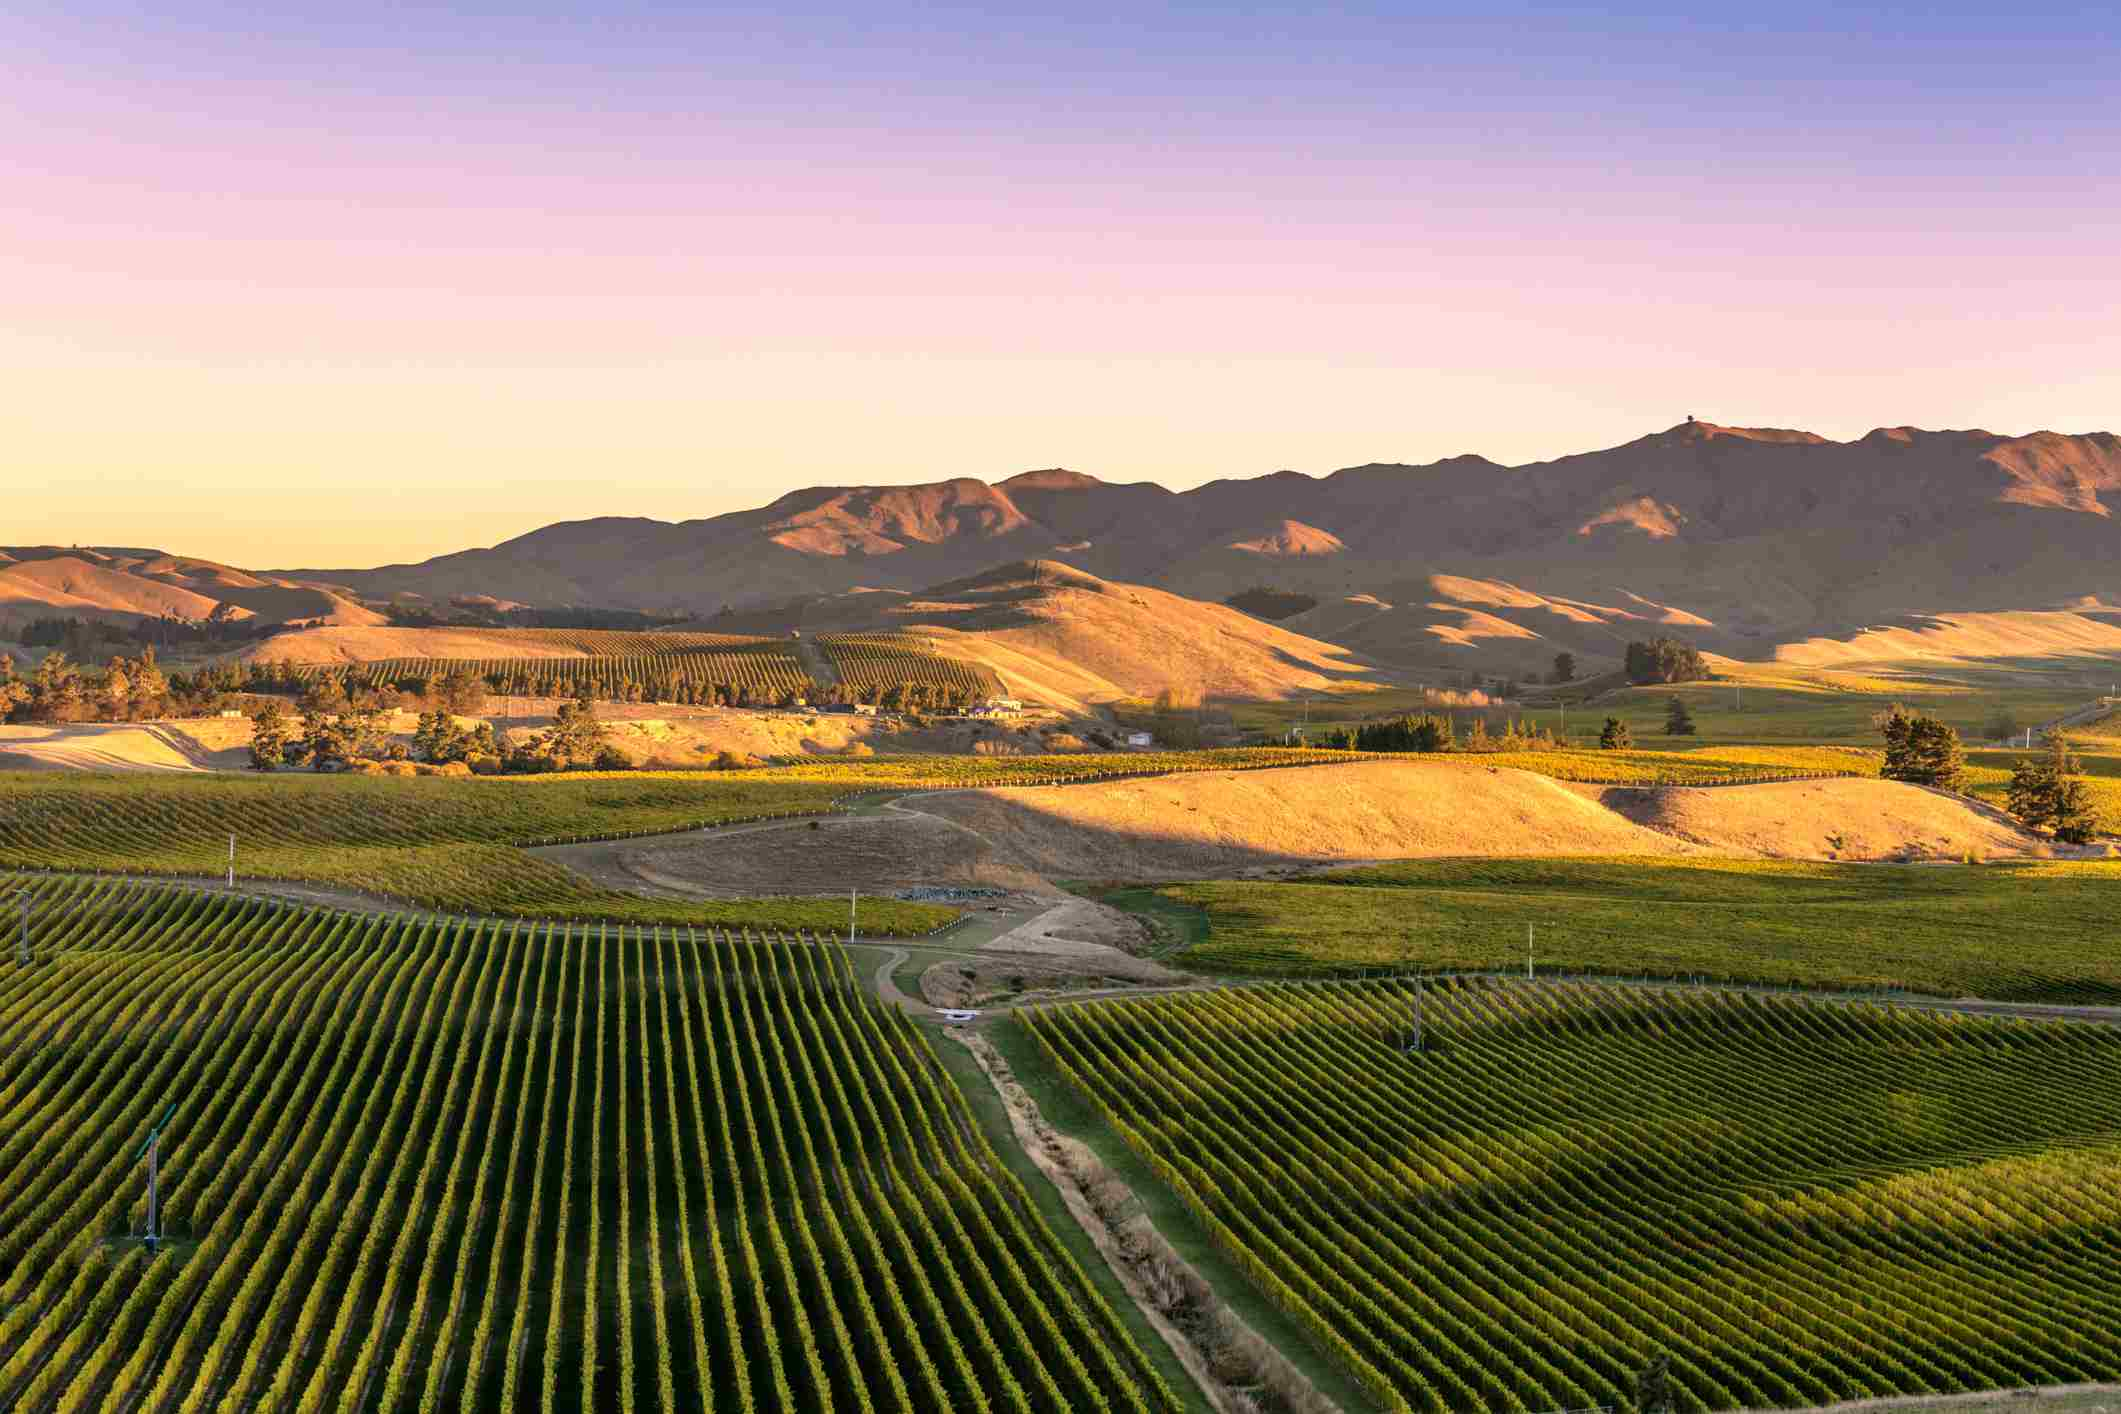 Vineyards at sunset, Marlborough, New Zealand